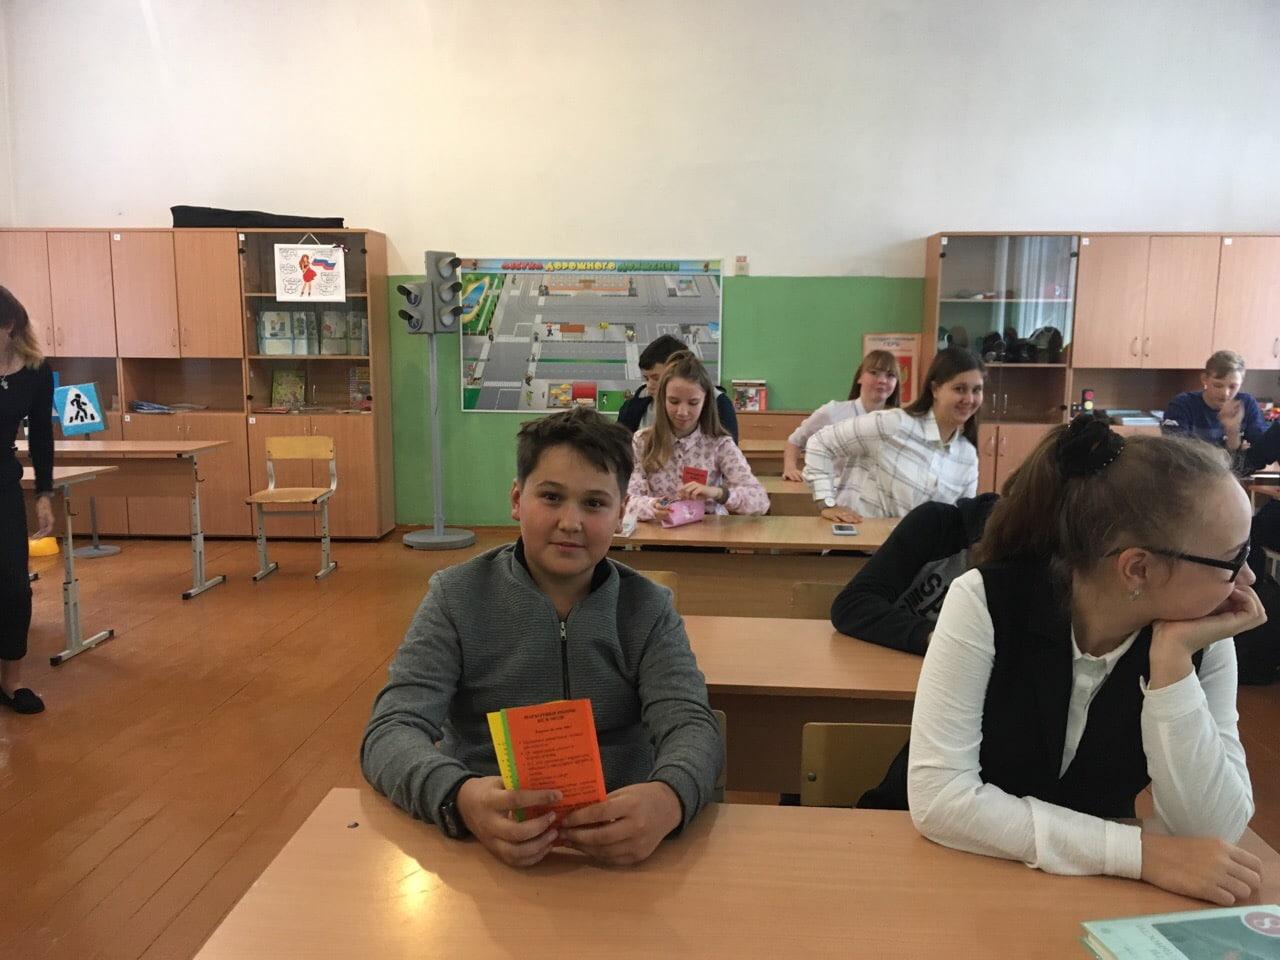 2 октября Центром культуры и кино «Родины» для учащихся 8«В» класса МАОУ СОШ №8 проведена кинопрограмма «Пробовать или не пробовать? Вот в чем вопрос».